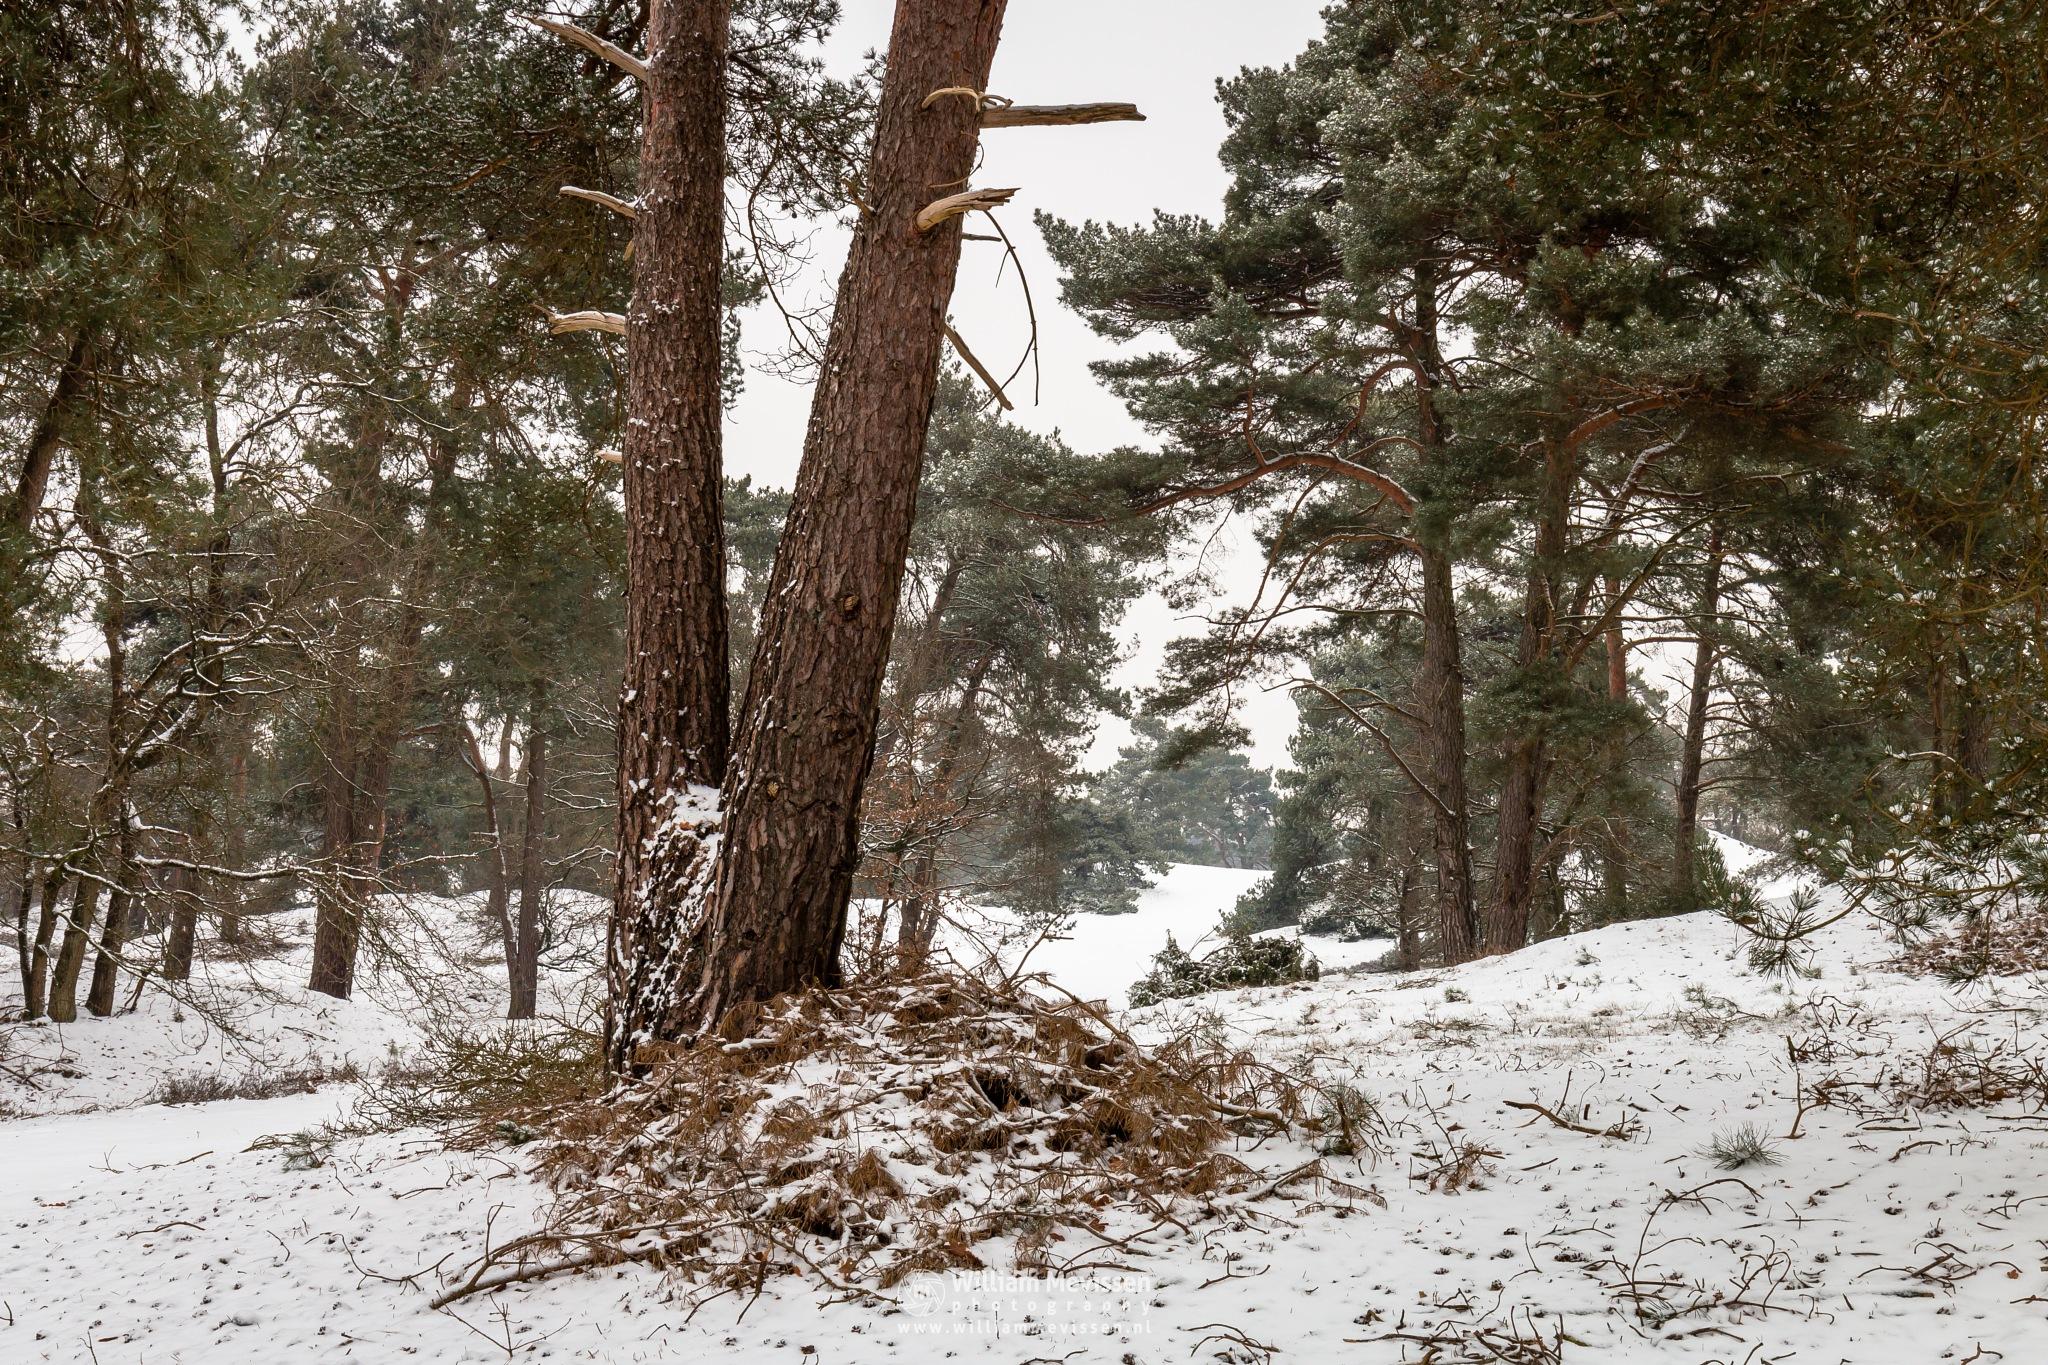 Winter Forest by William Mevissen